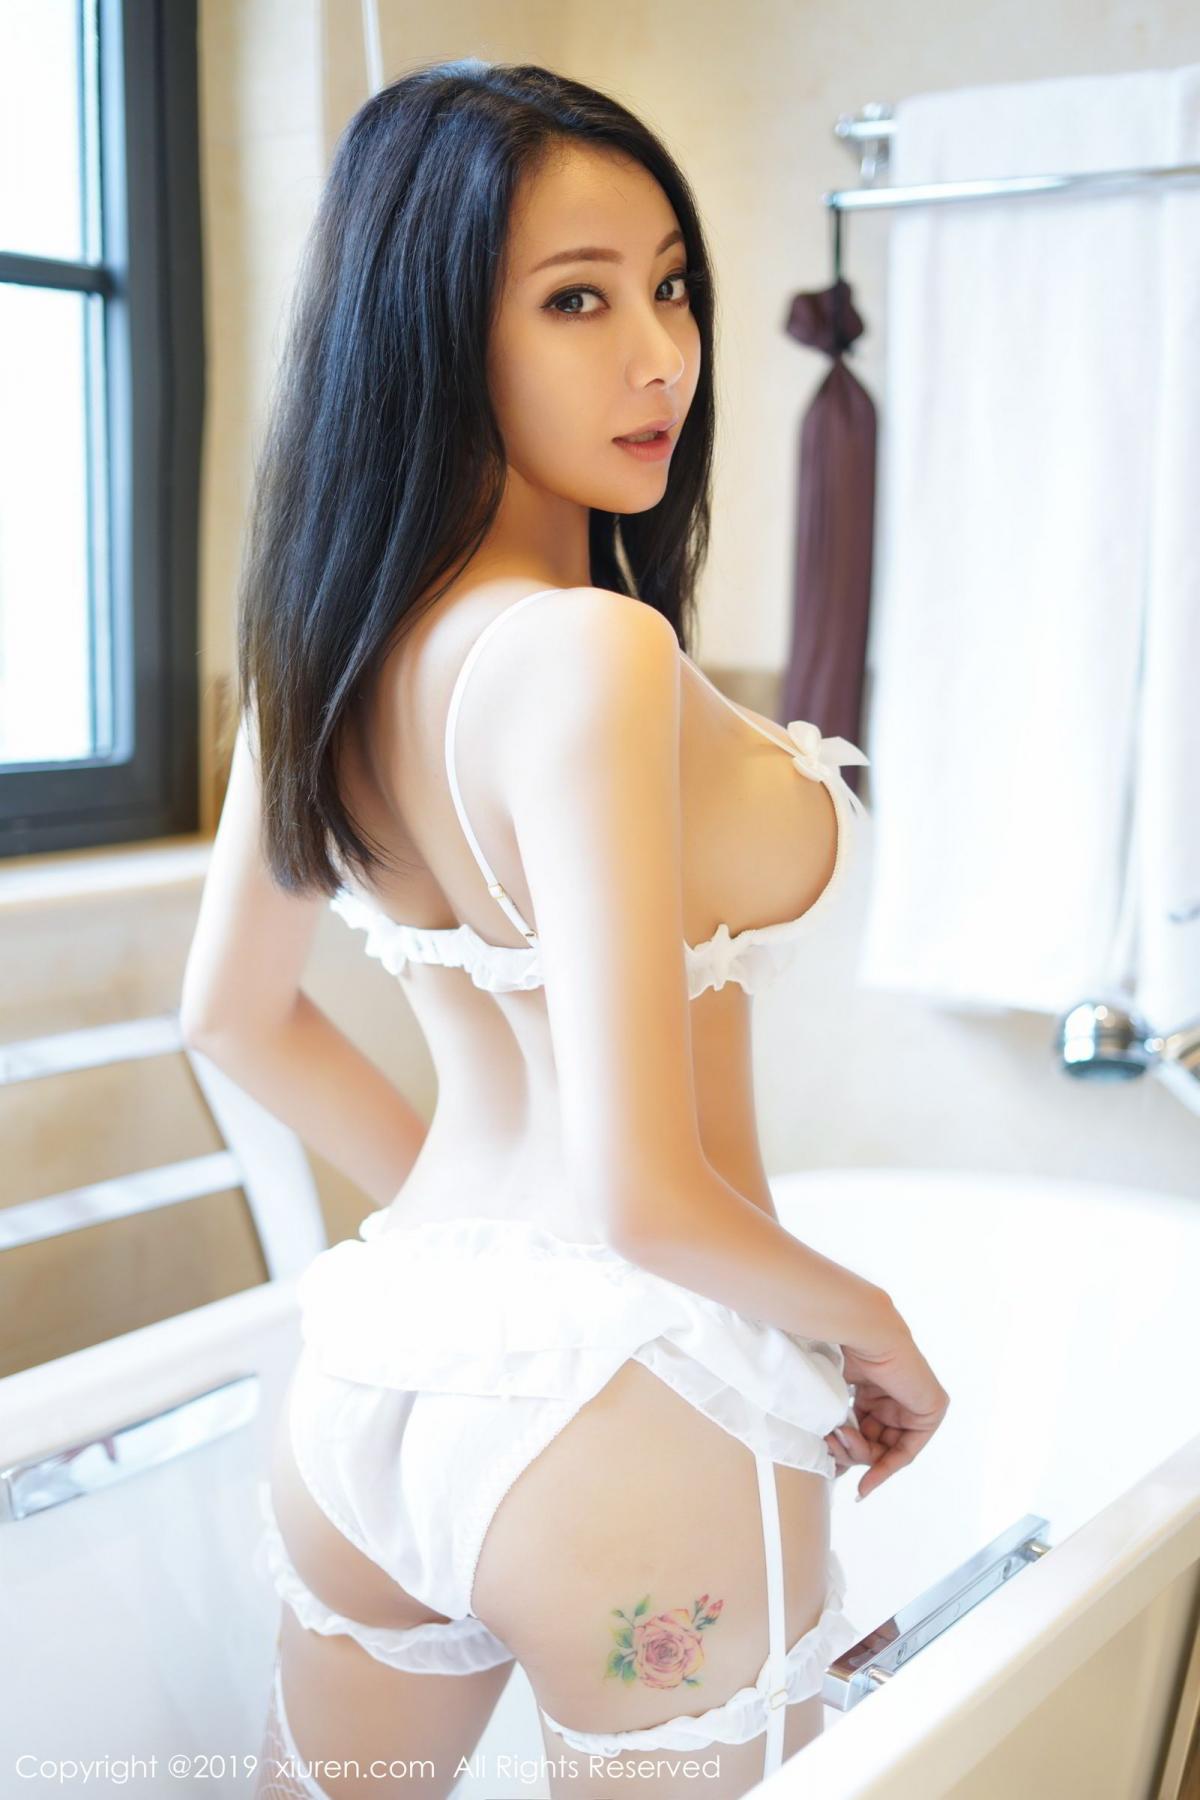 [XiuRen] Vol.1786 Song Guo Er 16P, Bathroom, Mature, Song Guo Er, Underwear, Xiuren